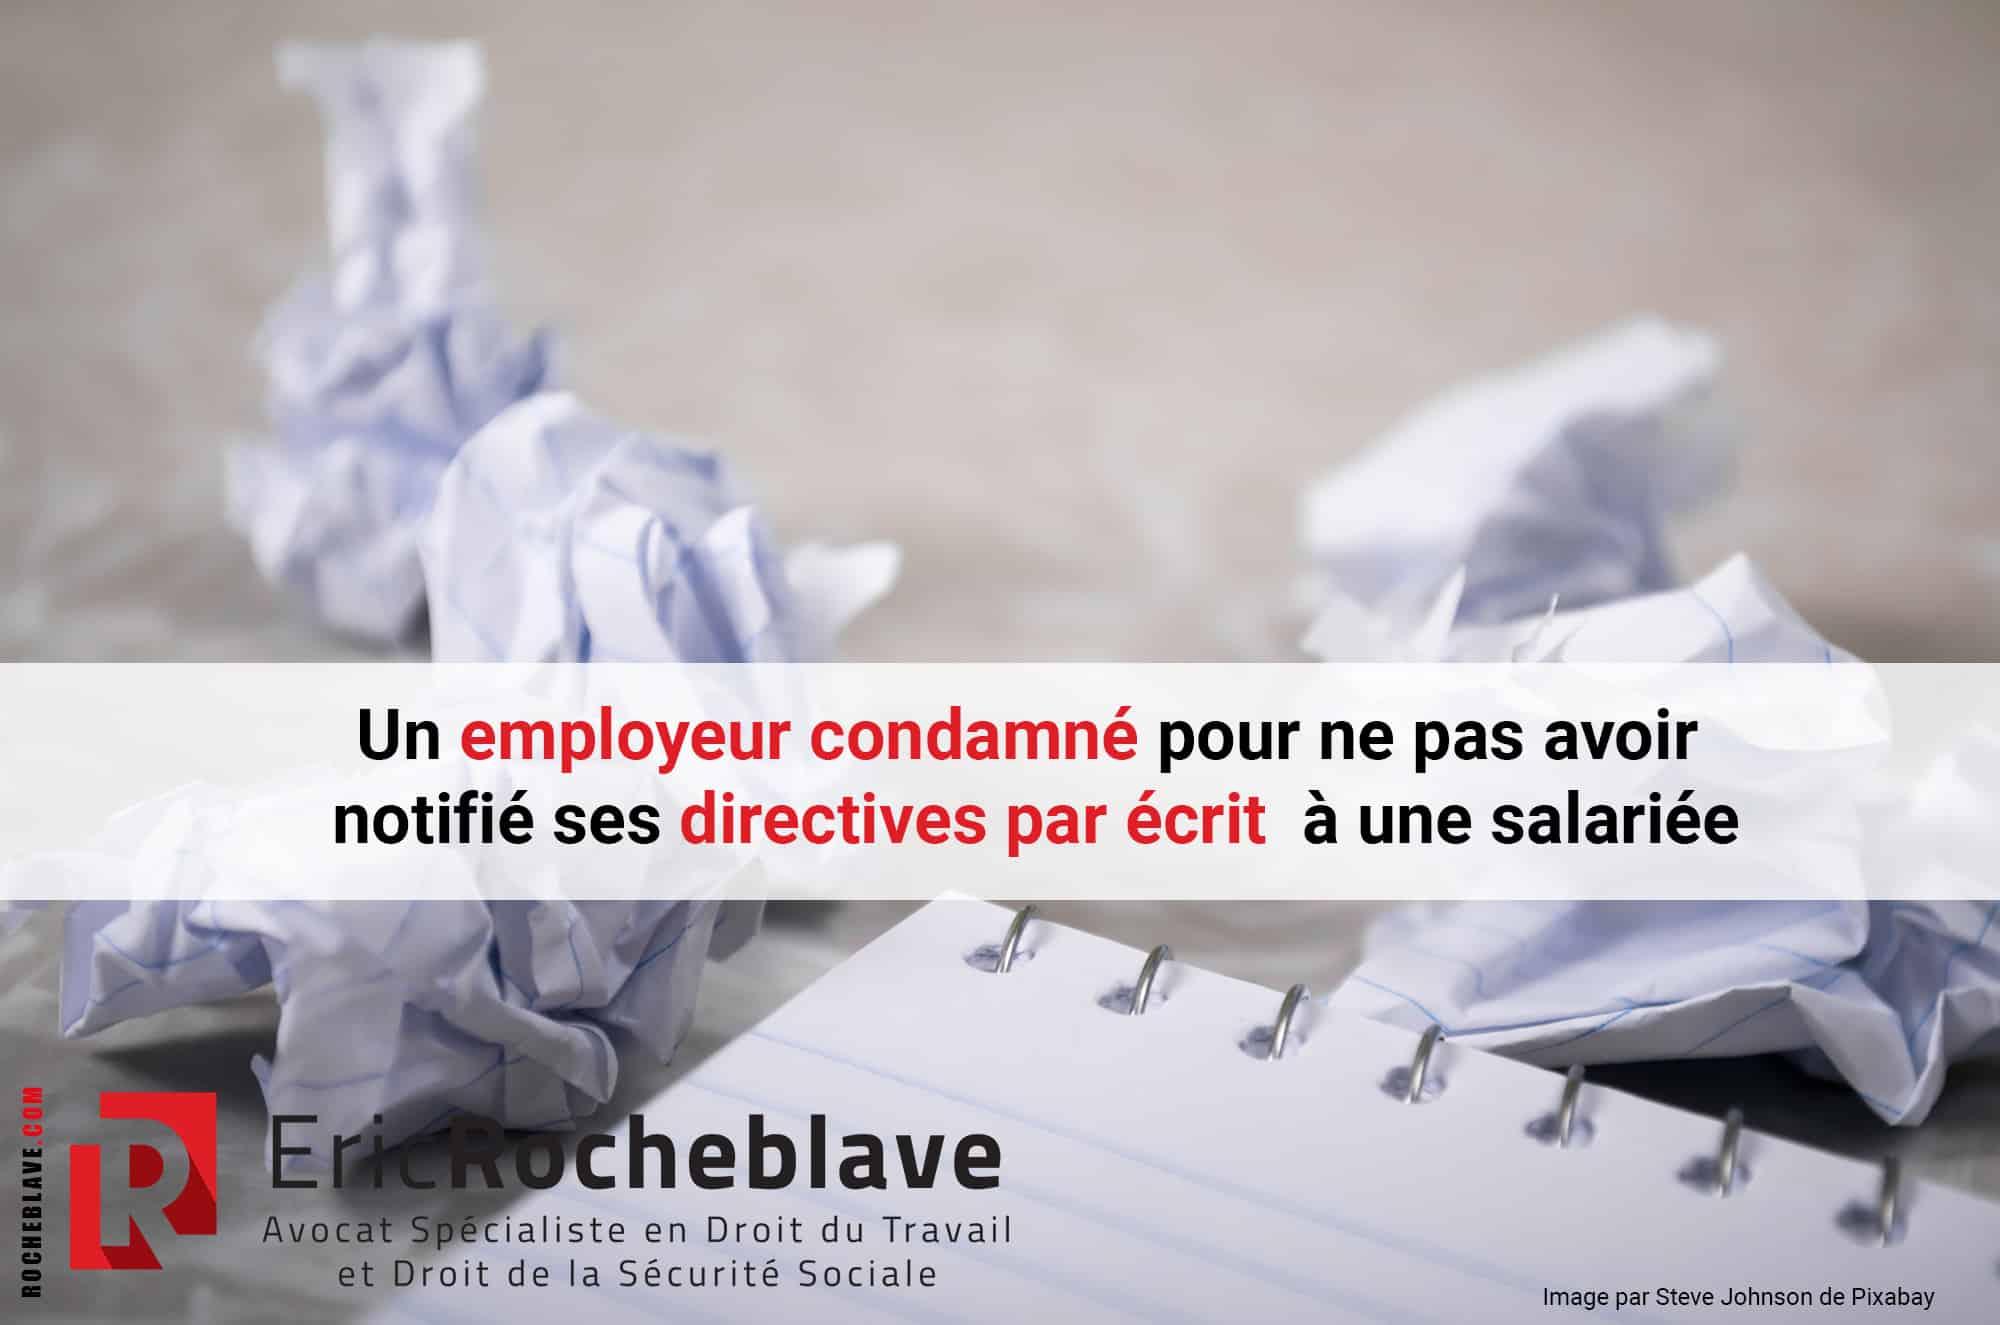 Un employeur condamné pour ne pas avoir notifié ses directives par écrit à une salariée